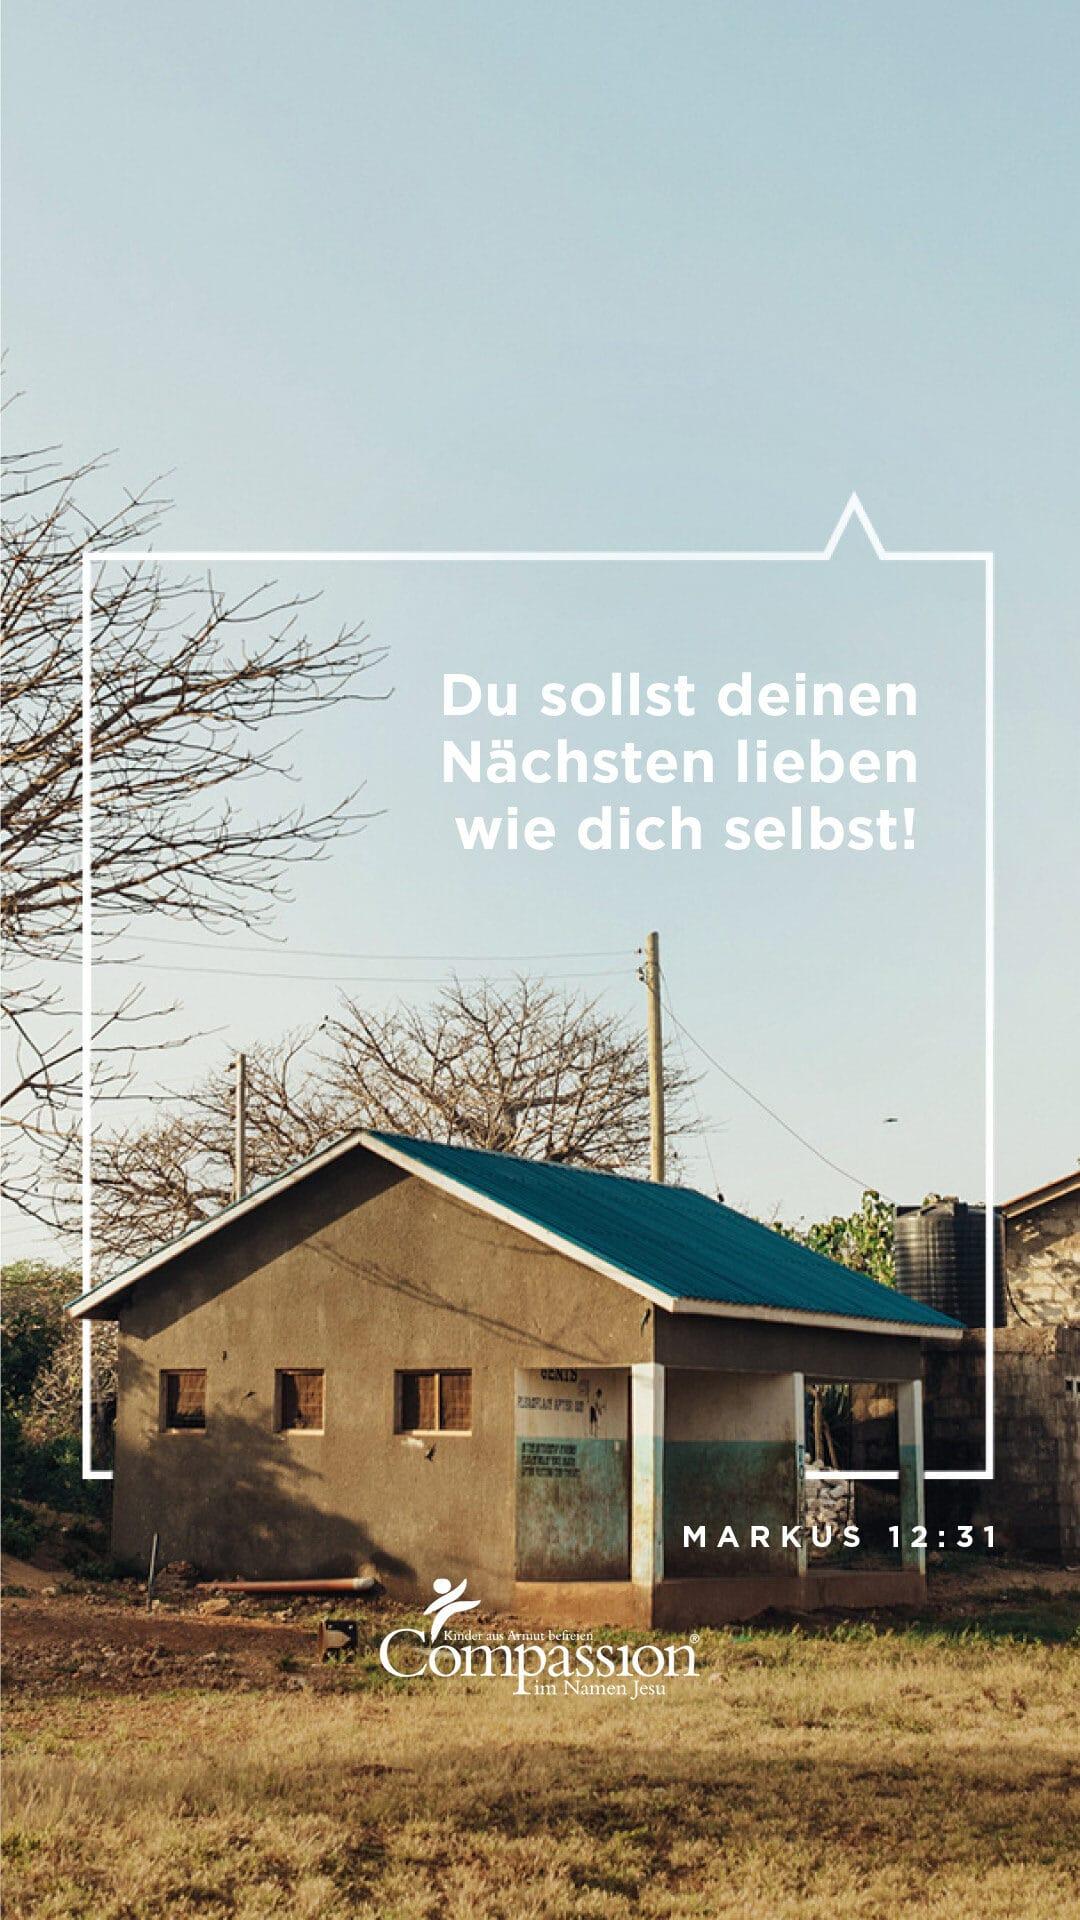 """alt=""""Markus_12_31_Wallpaper_Compassion_Deutschland"""""""